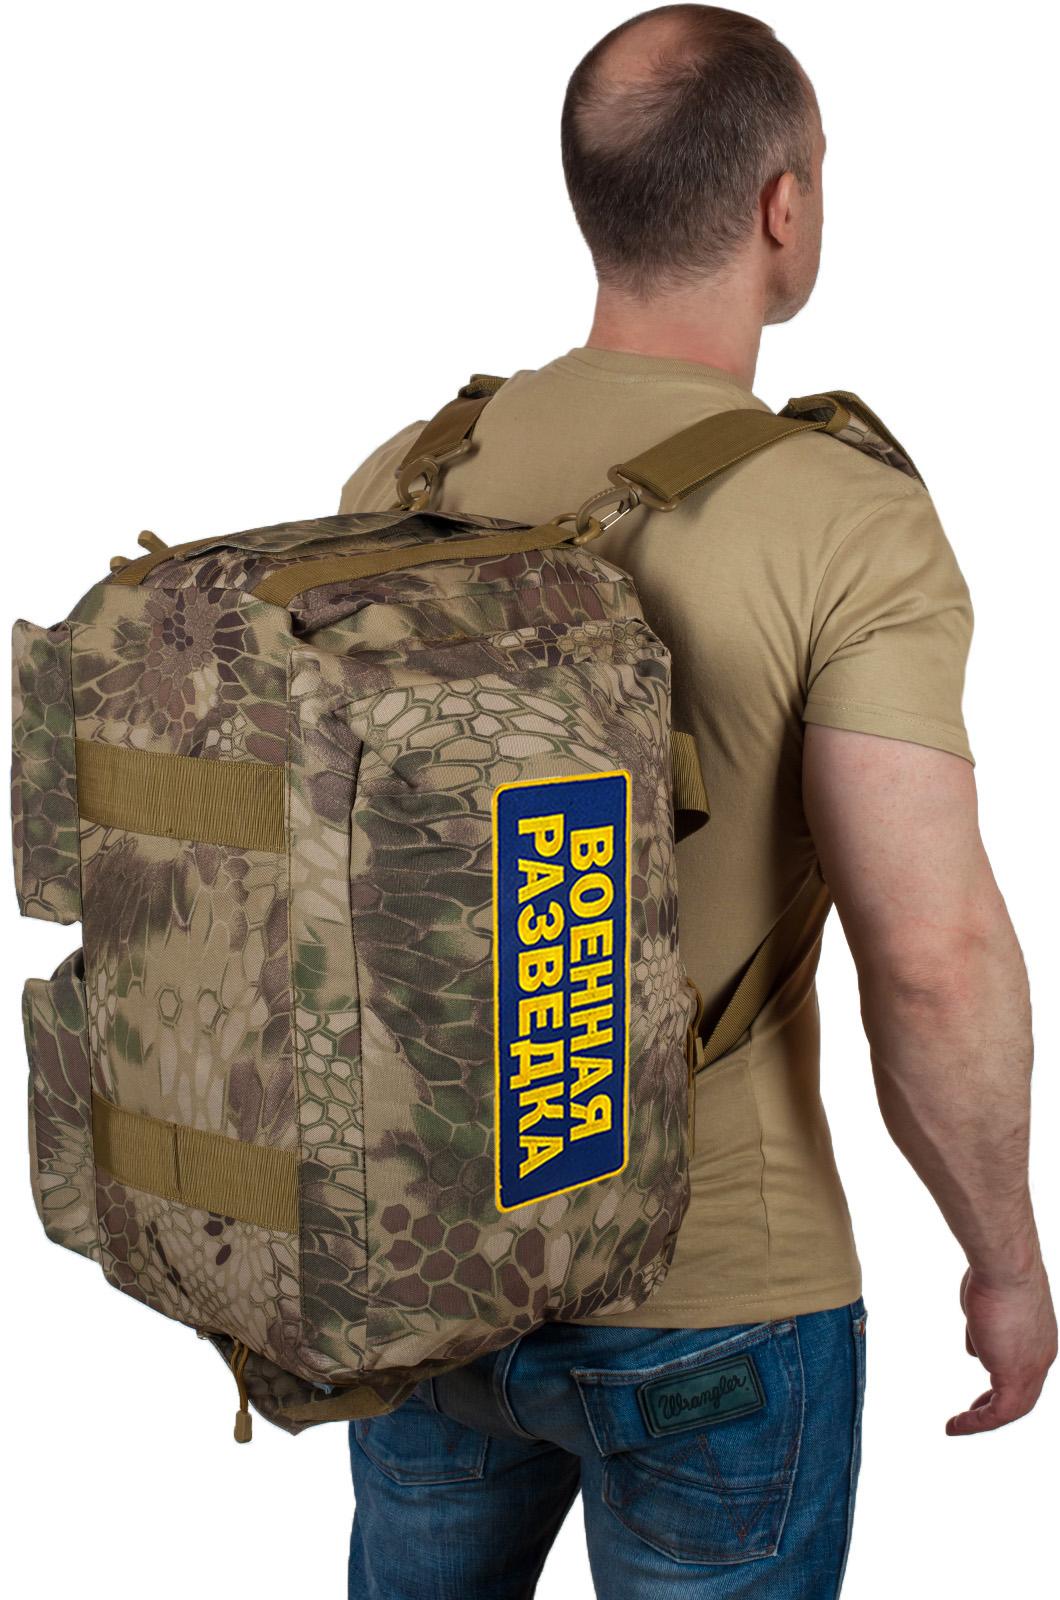 Снаряжение и рюкзаки разведчиков – доступные цены, быстрая доставка